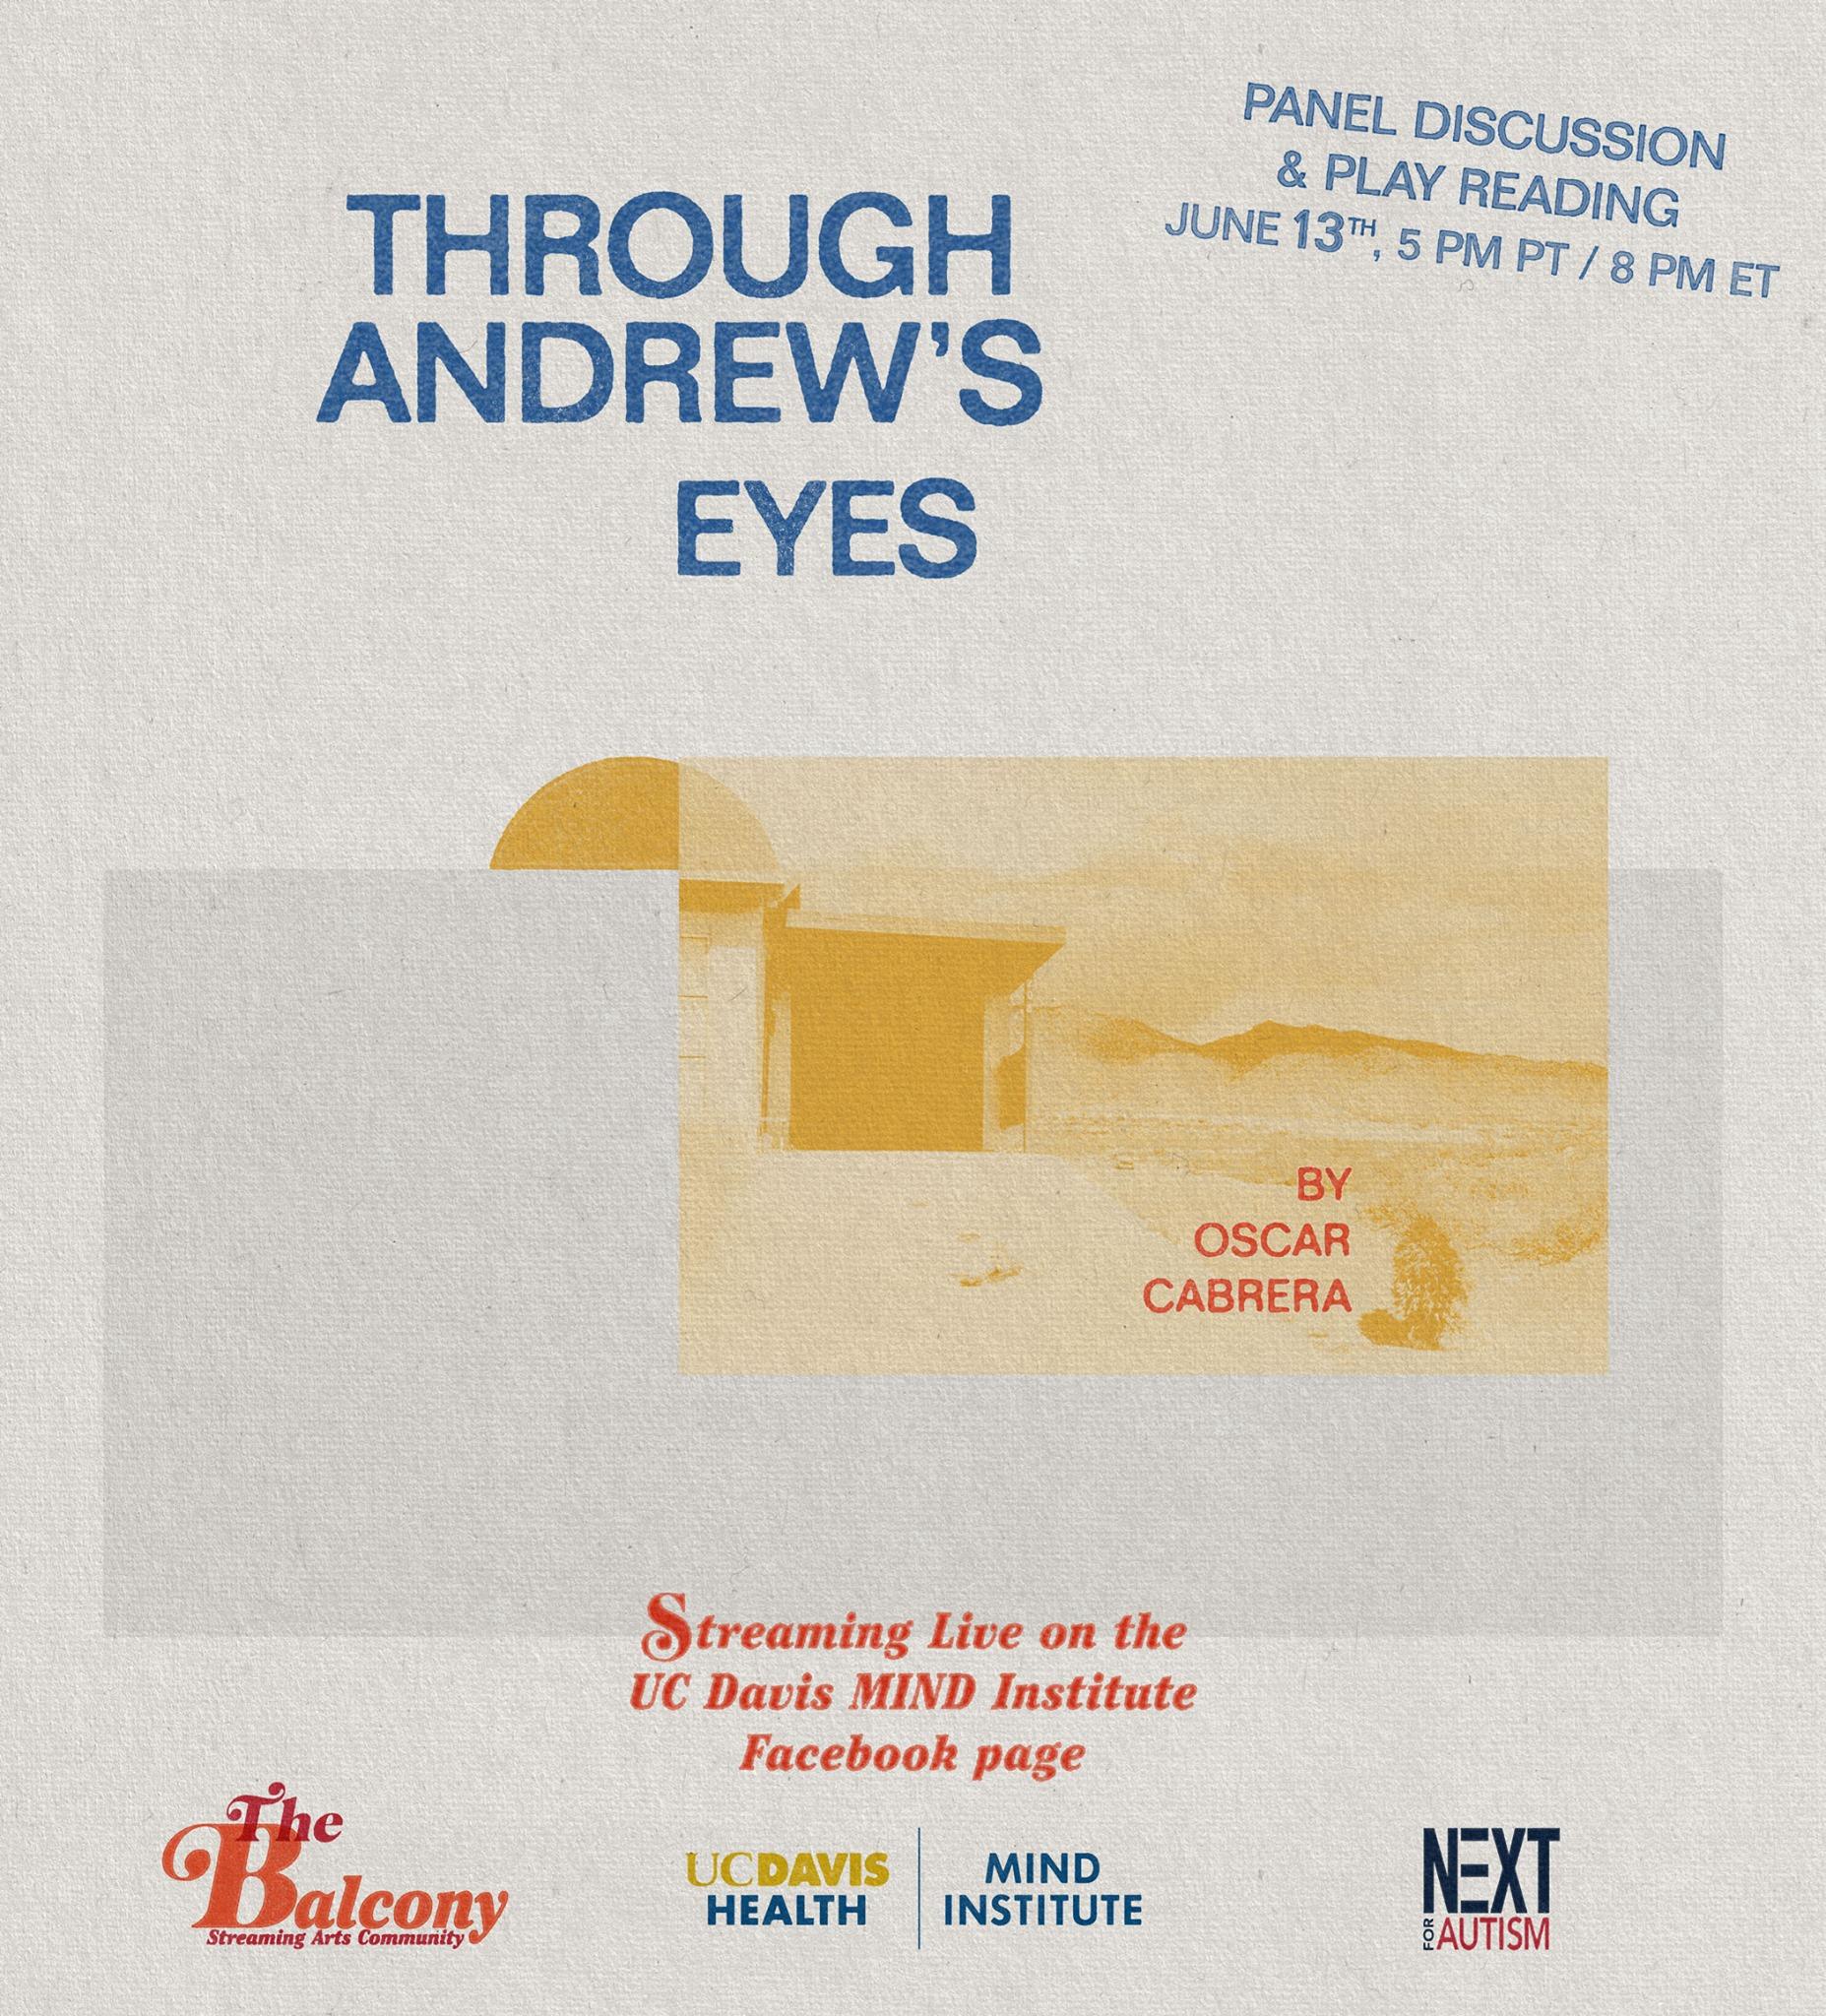 Through Andrew's Eyes